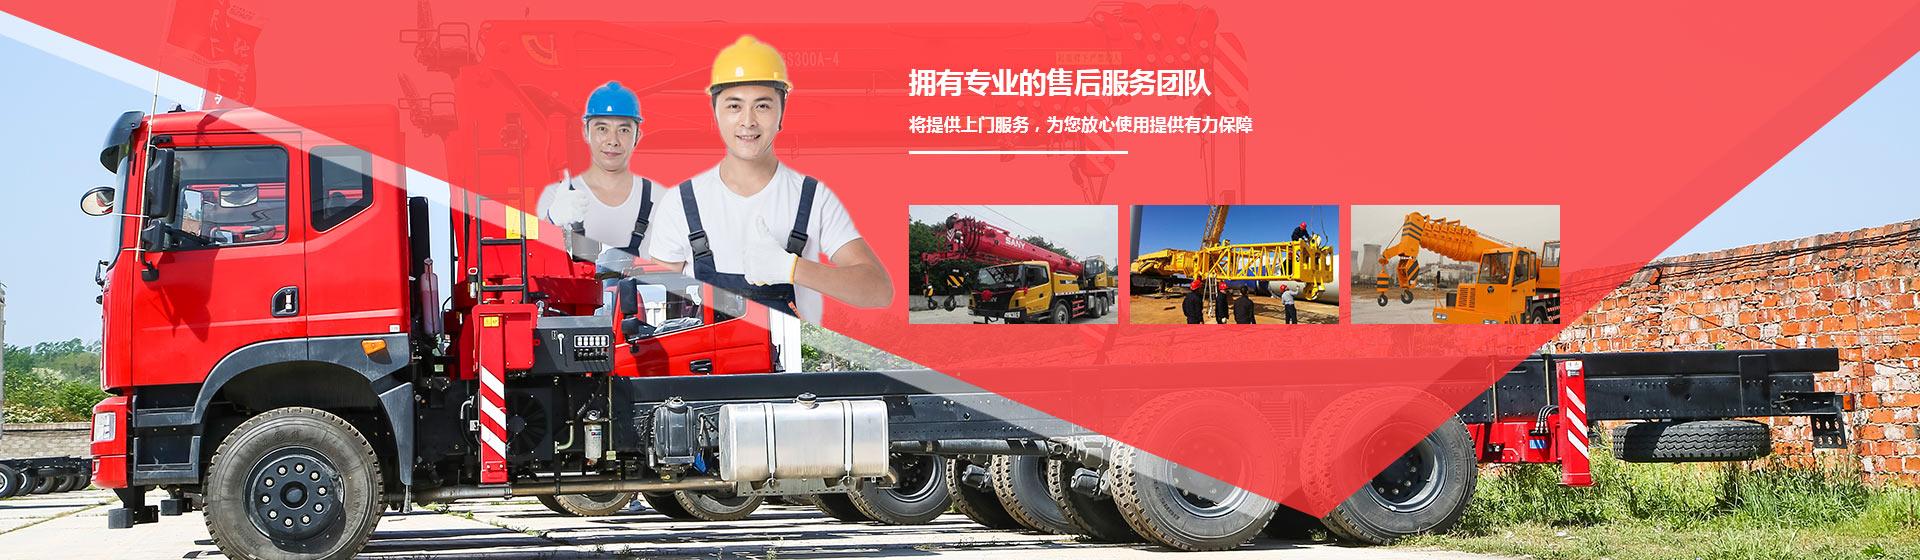 重庆吊车租赁公司